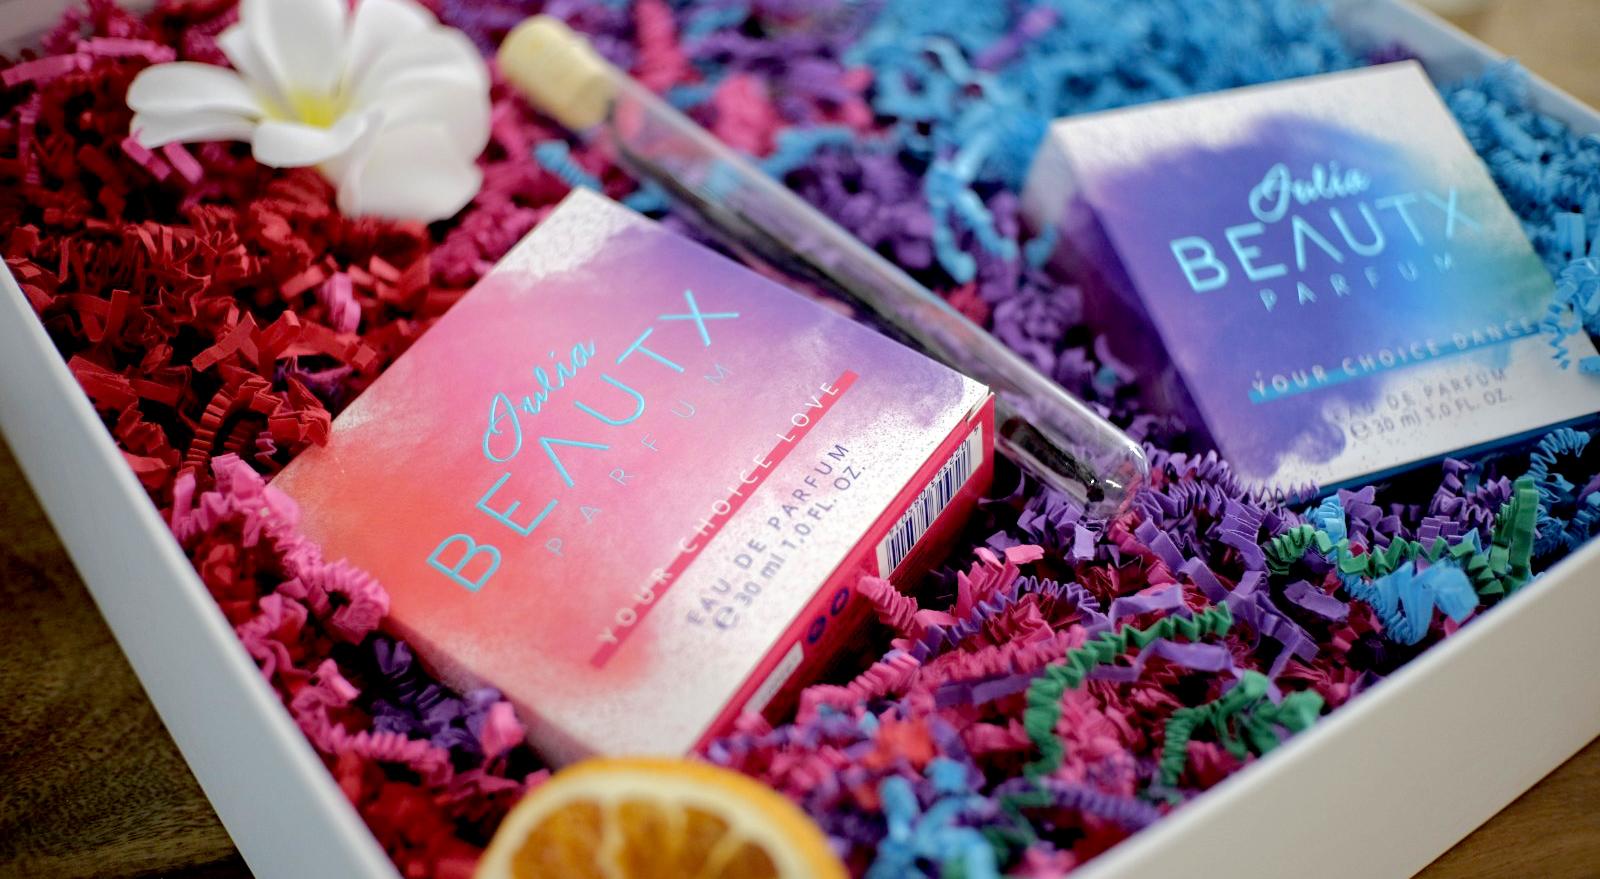 Promo-Box für Julia Beautx Parfum